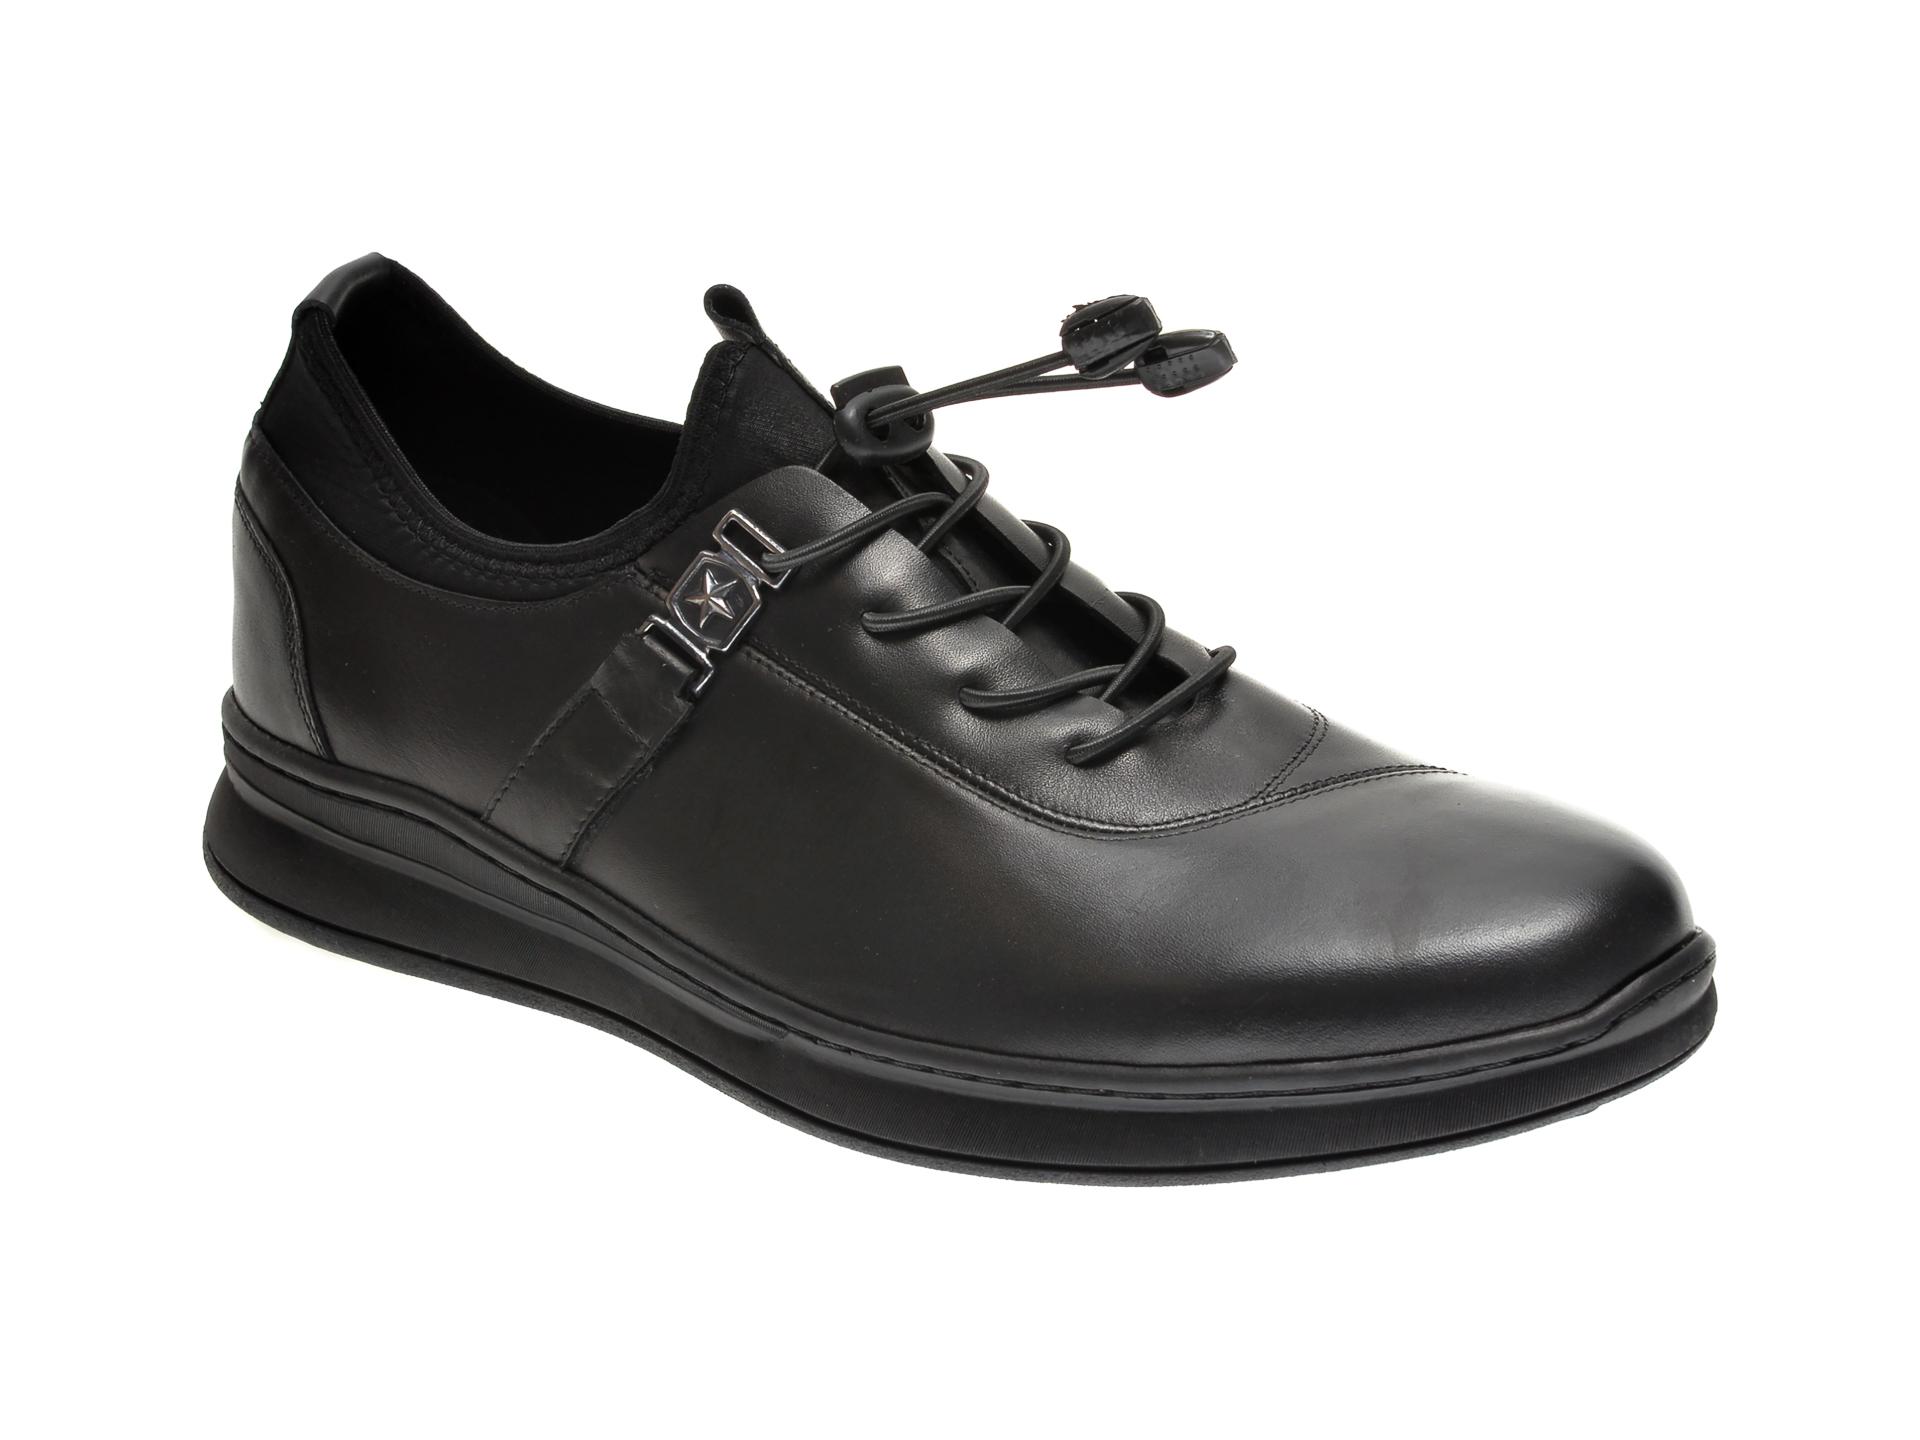 Pantofi OTTER negri, OT02, din piele naturala